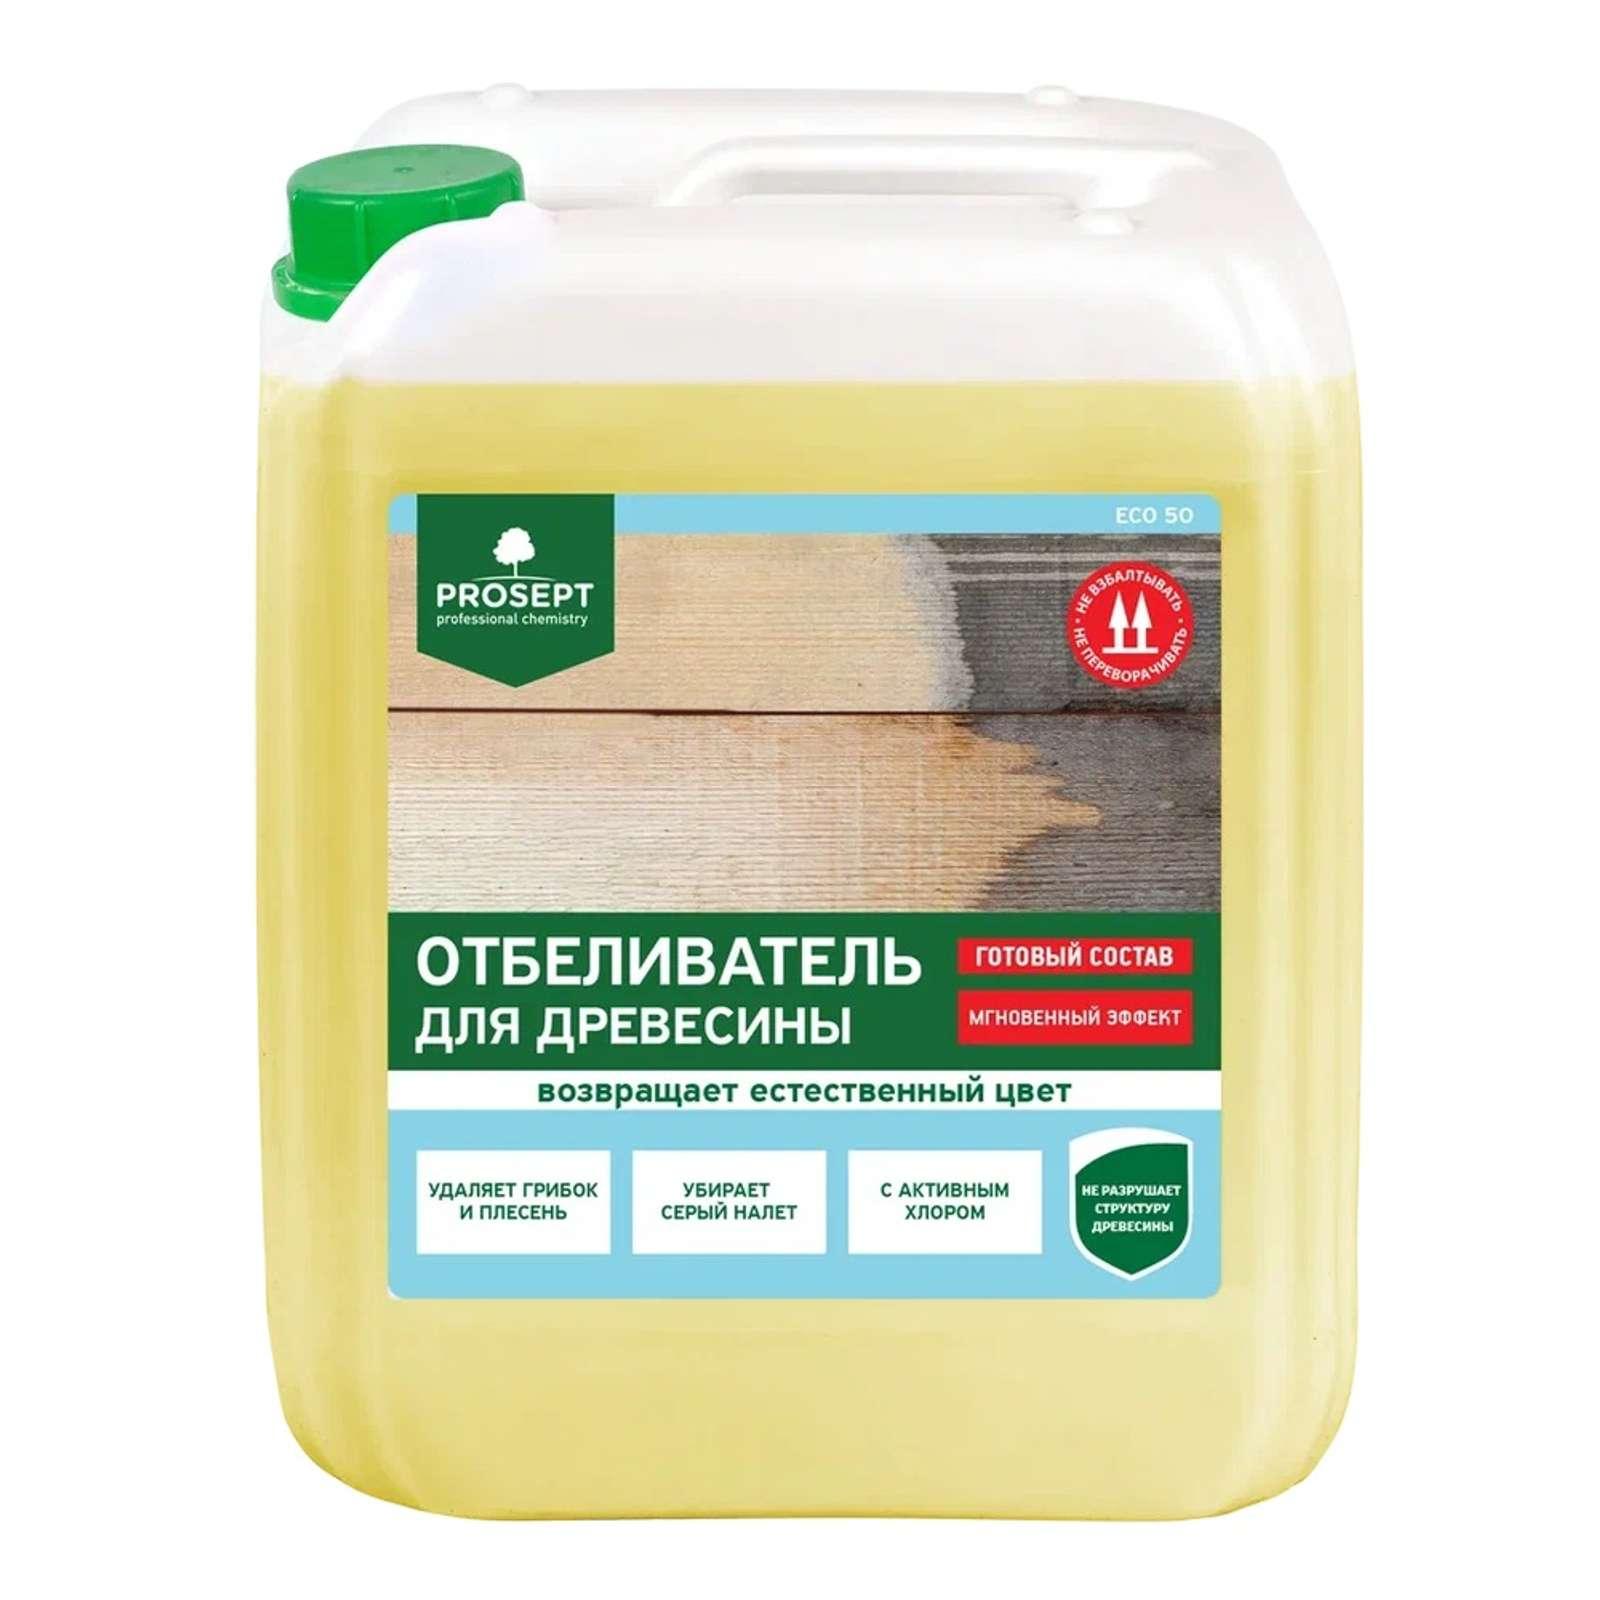 Отбеливатель для древесины PROSEPT ECO 50 5л.